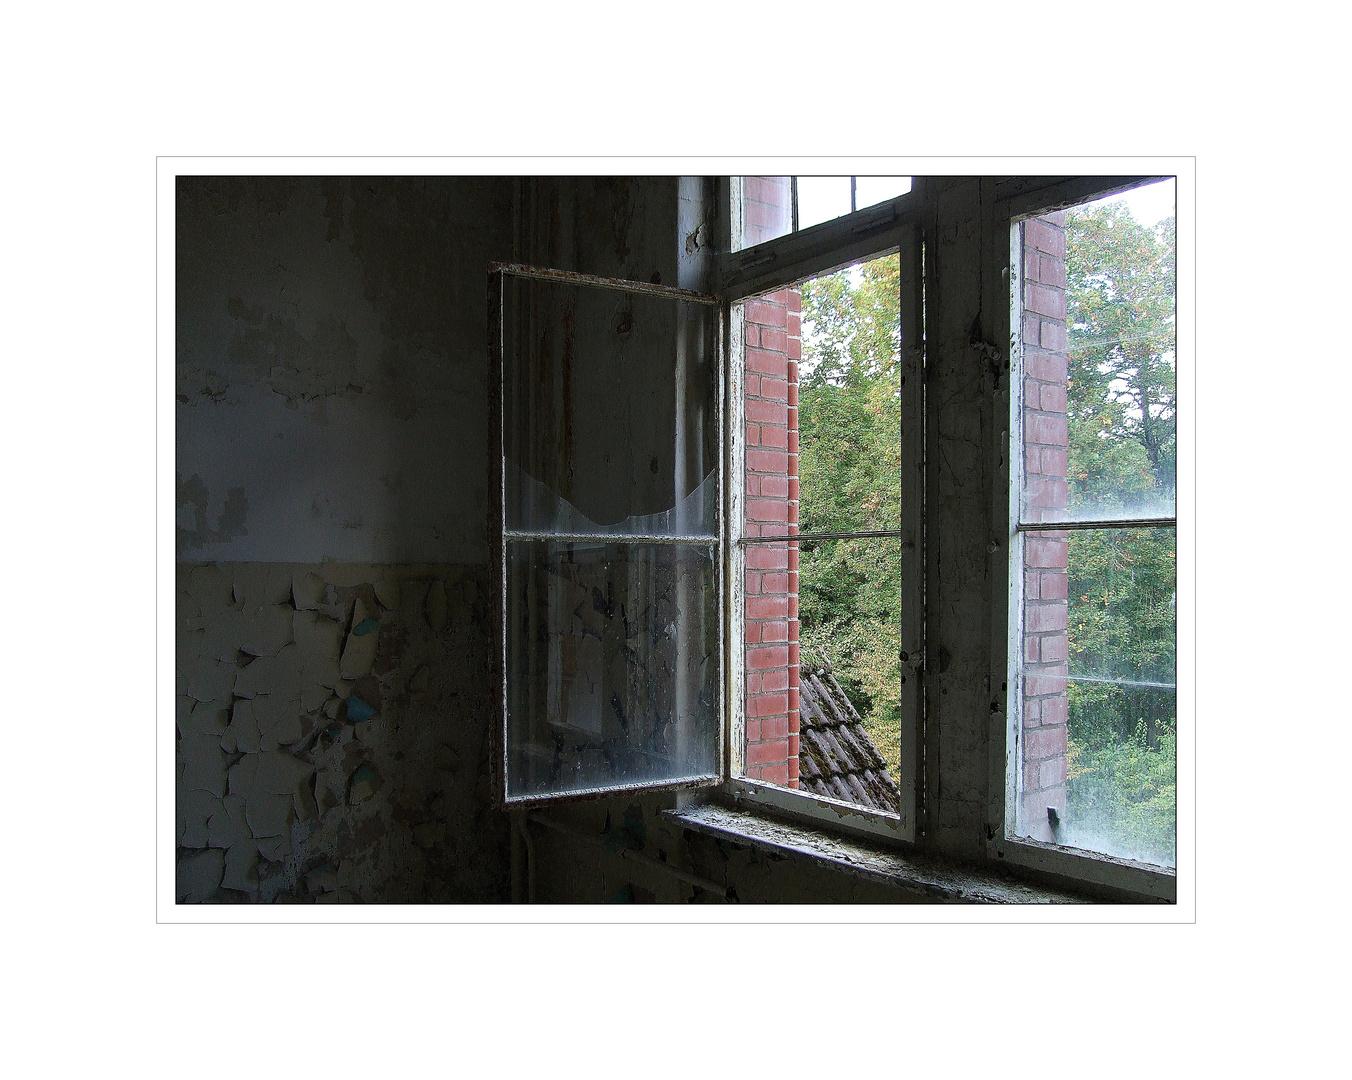 das offene Fenster